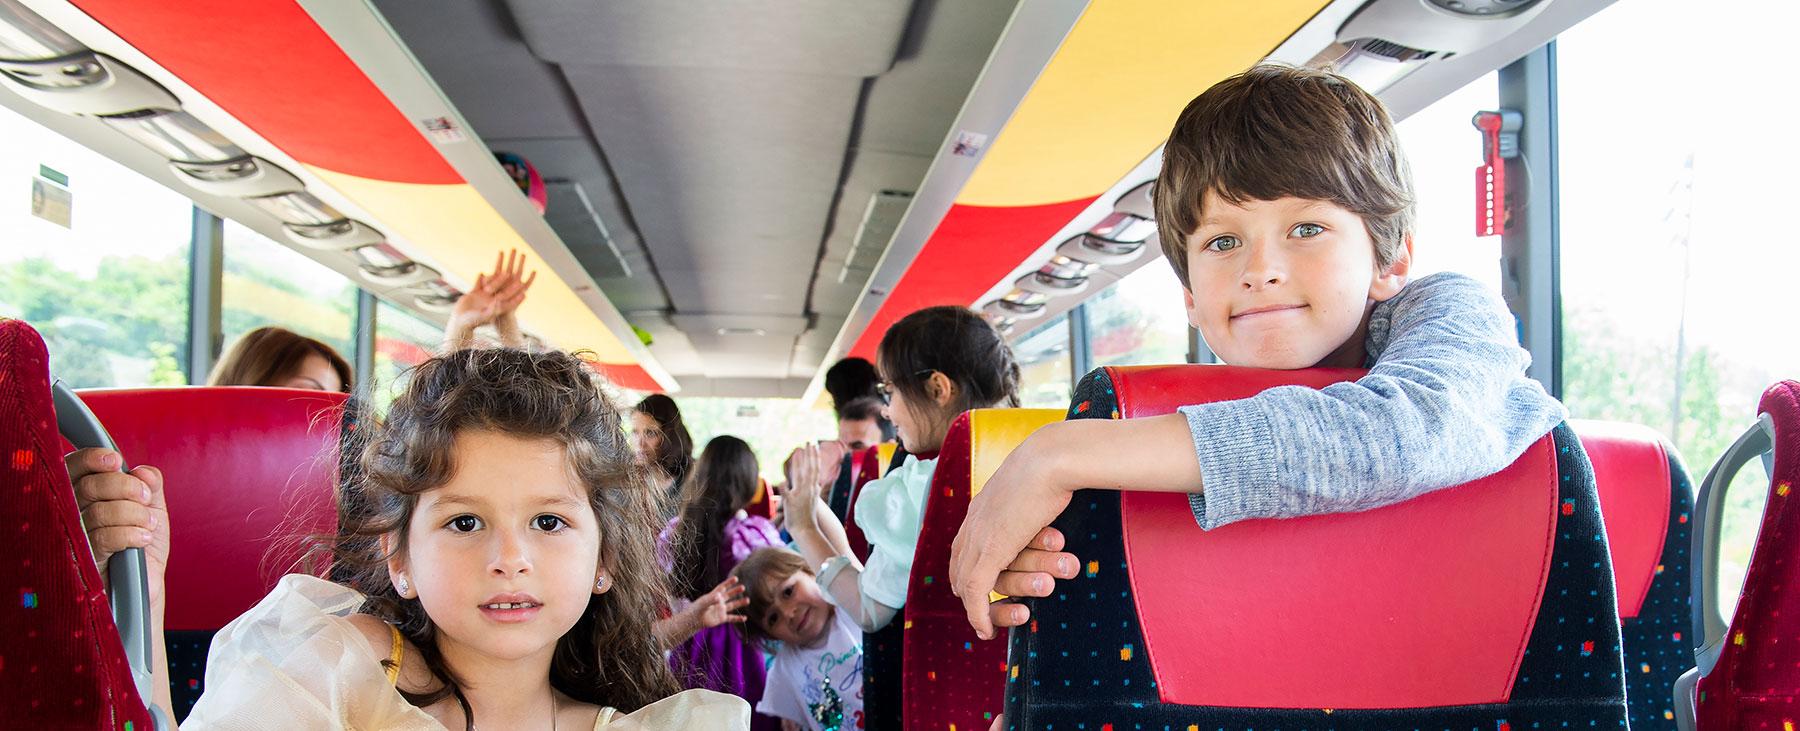 Magical Shuttle bus